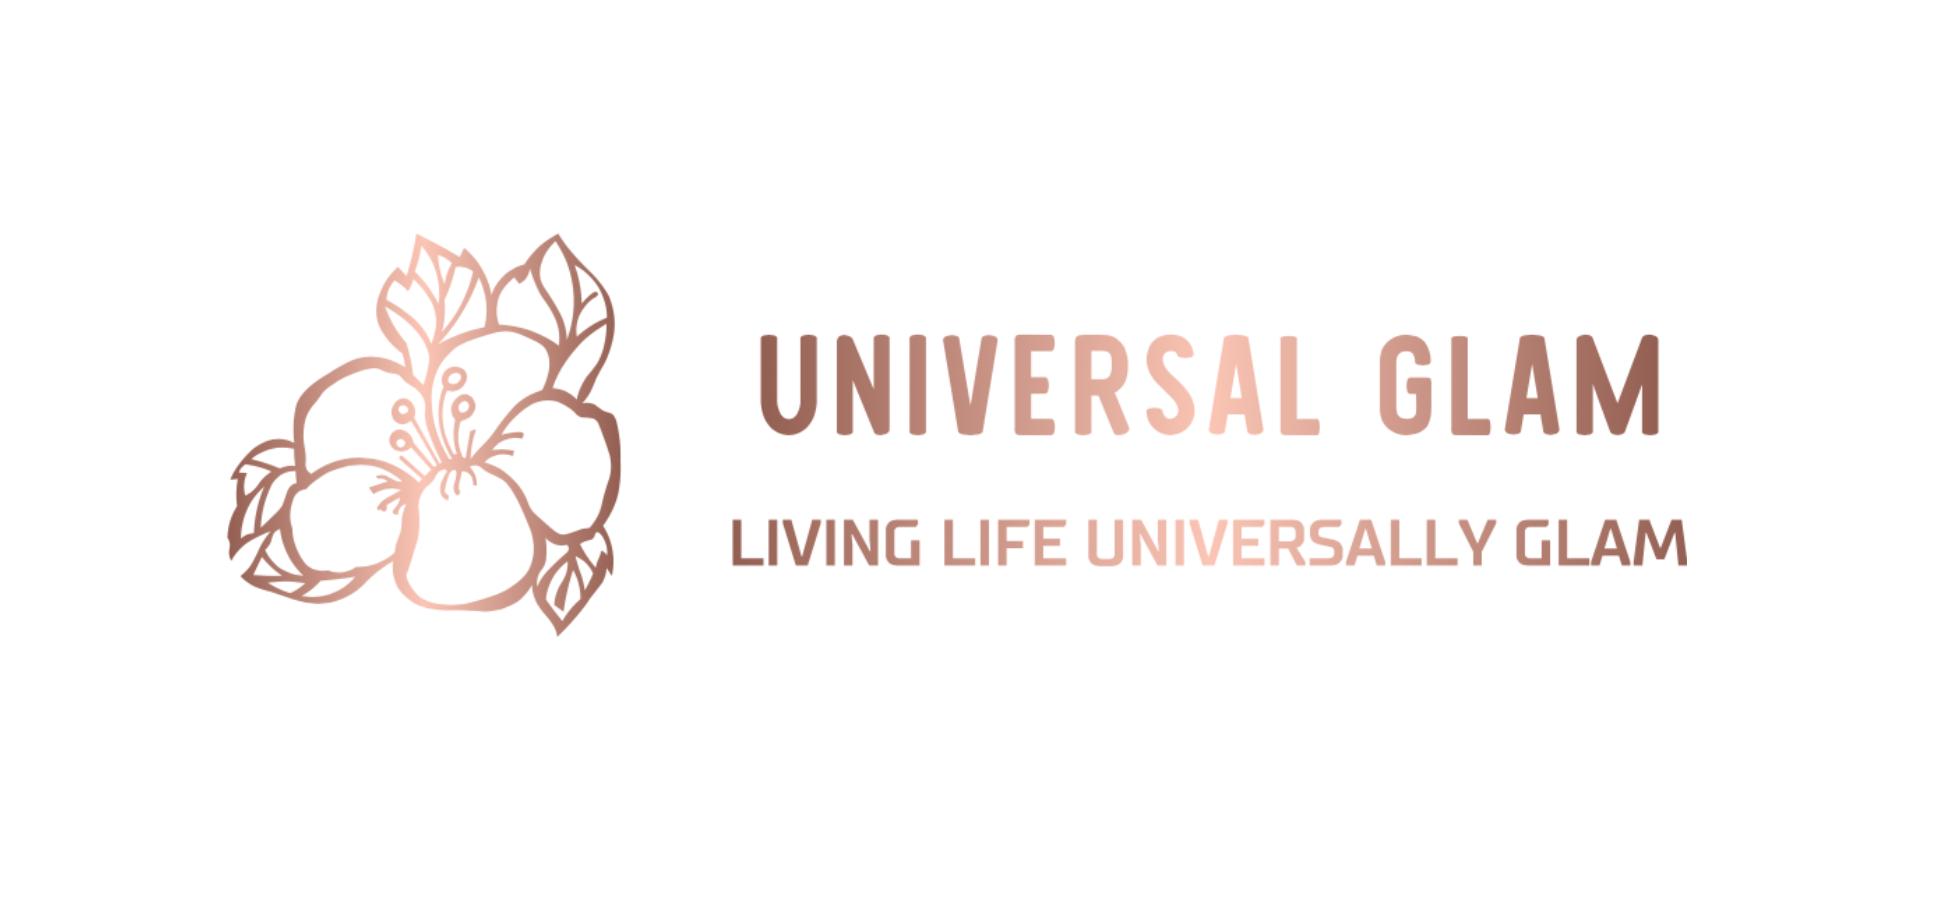 Universal Glam